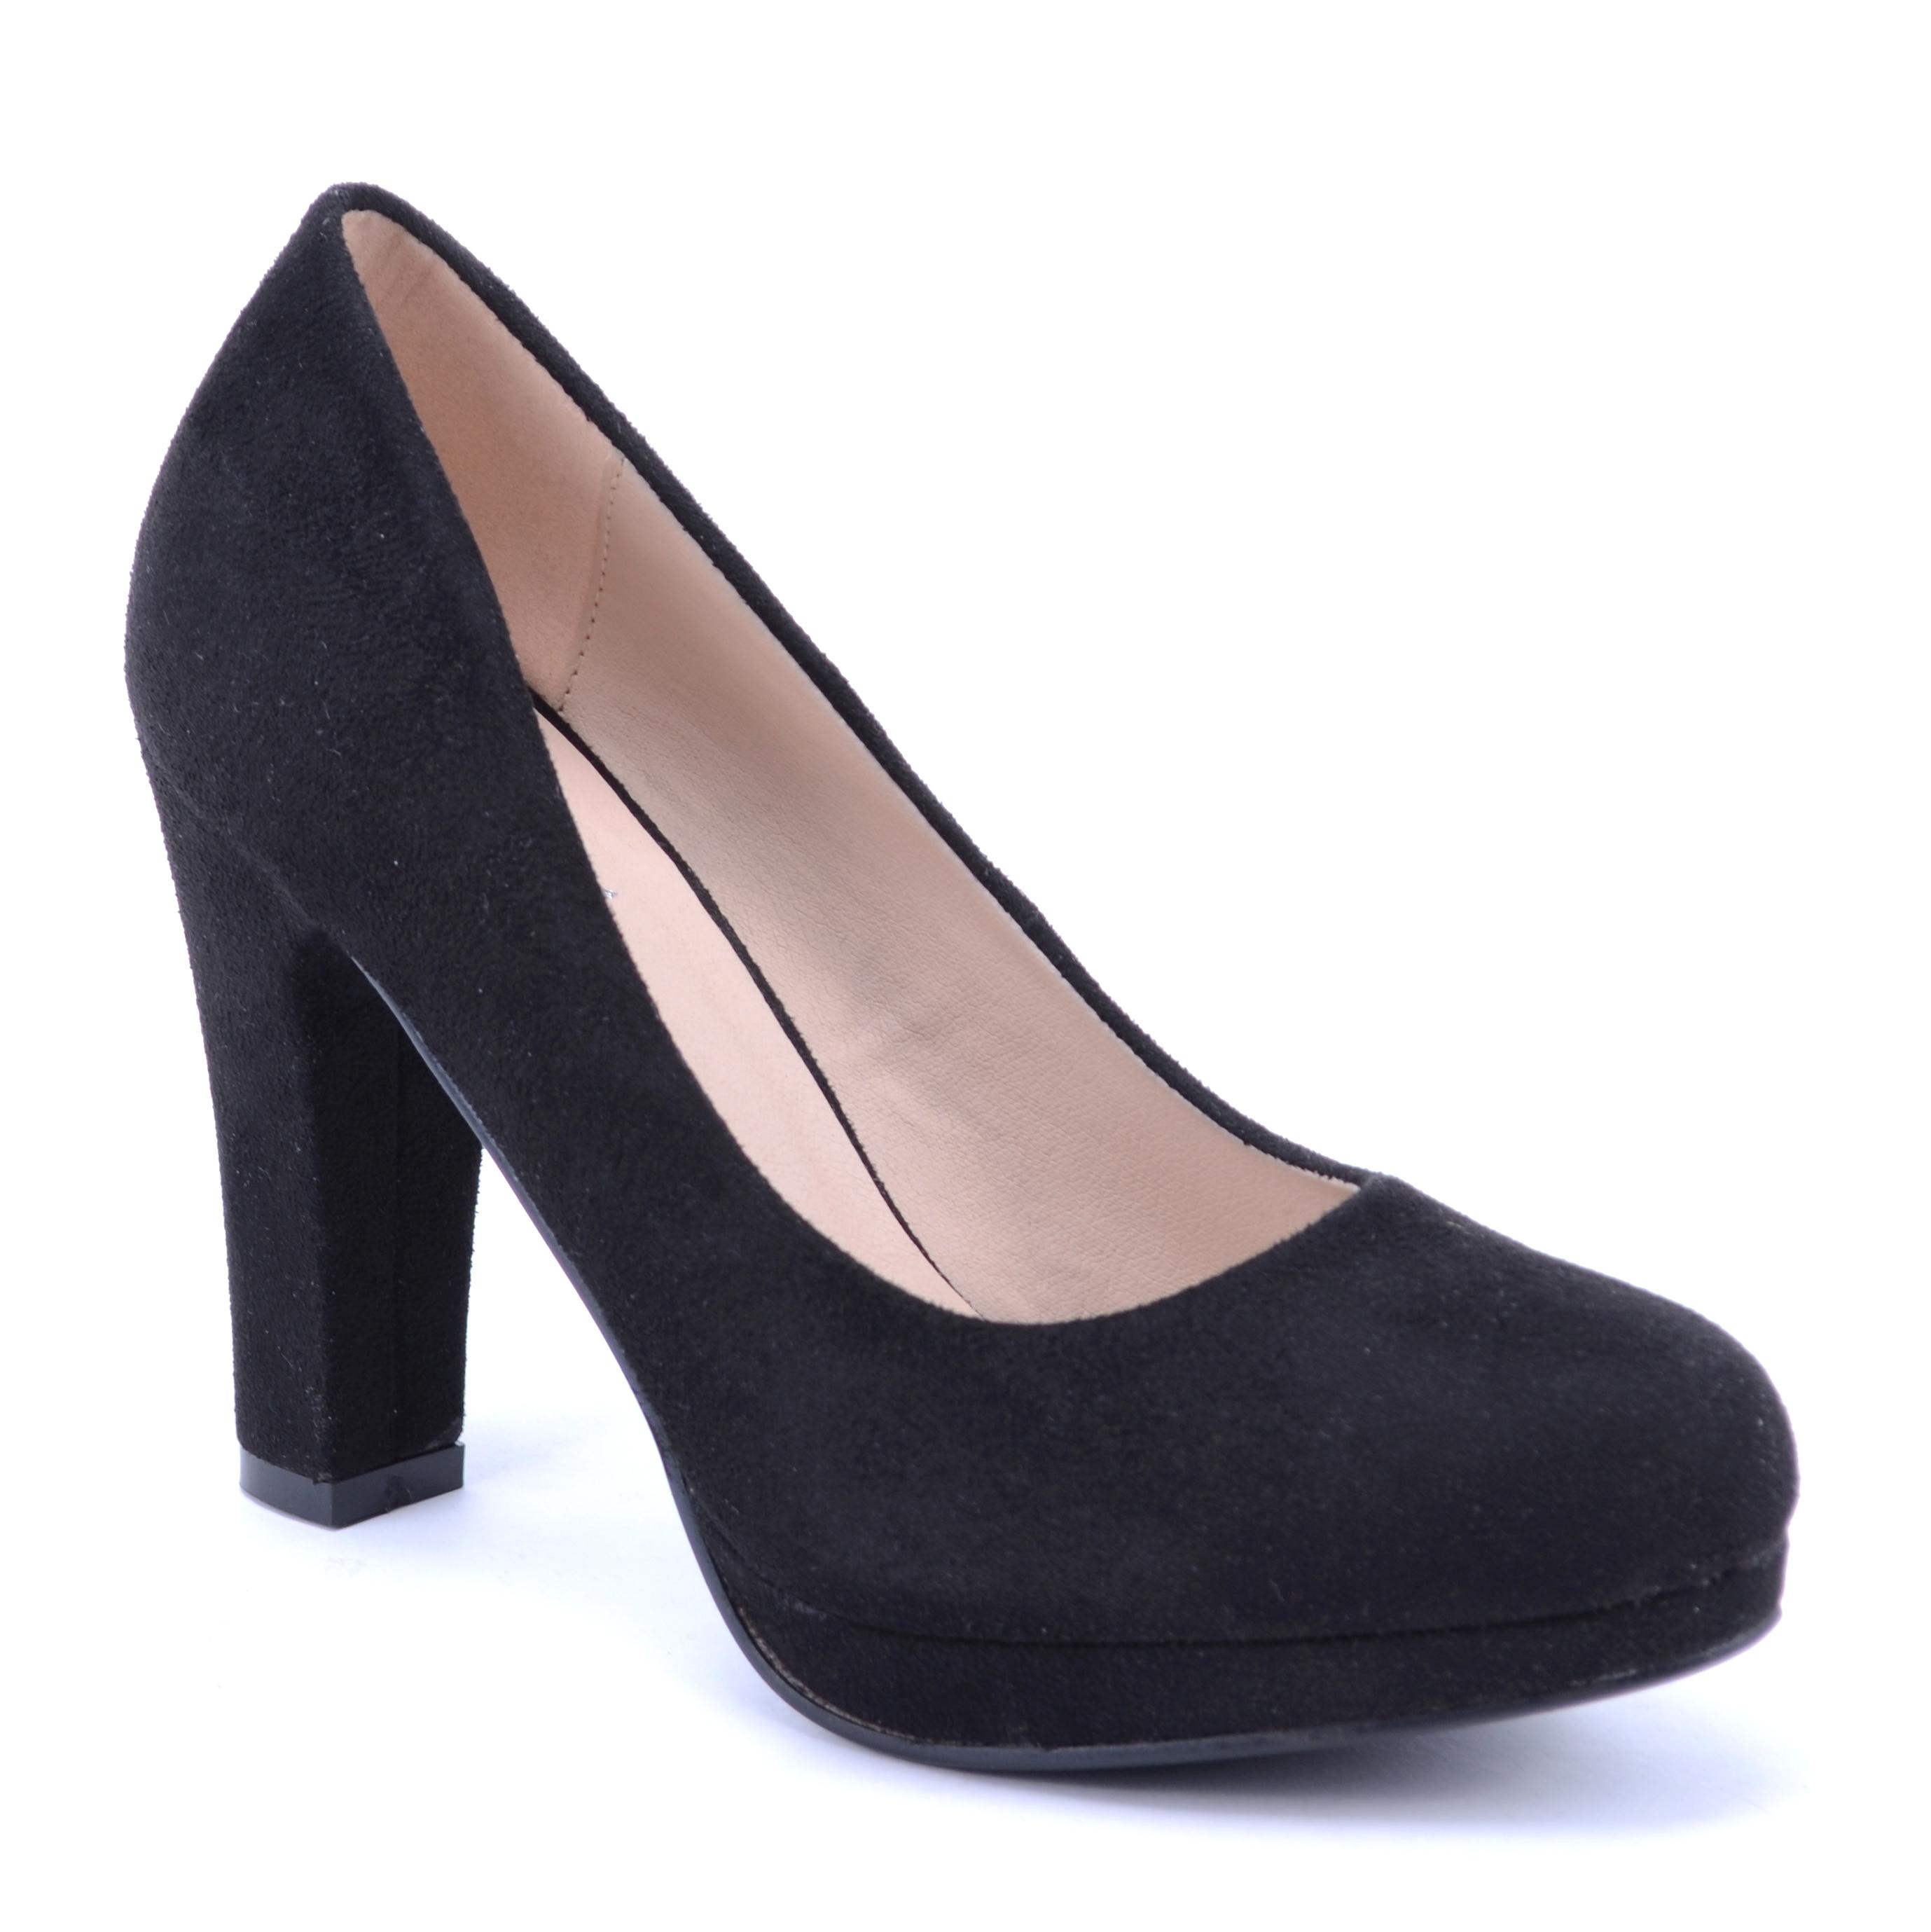 a6517ca9f9 Női Művelúr Magassarkú Fekete - ALKALMI CIPŐK - Női cipő webáruház-női  csizmák, női bakancsok, magassarkúk, női gumicsizma, magassarkú csizma,  magassarkú ...